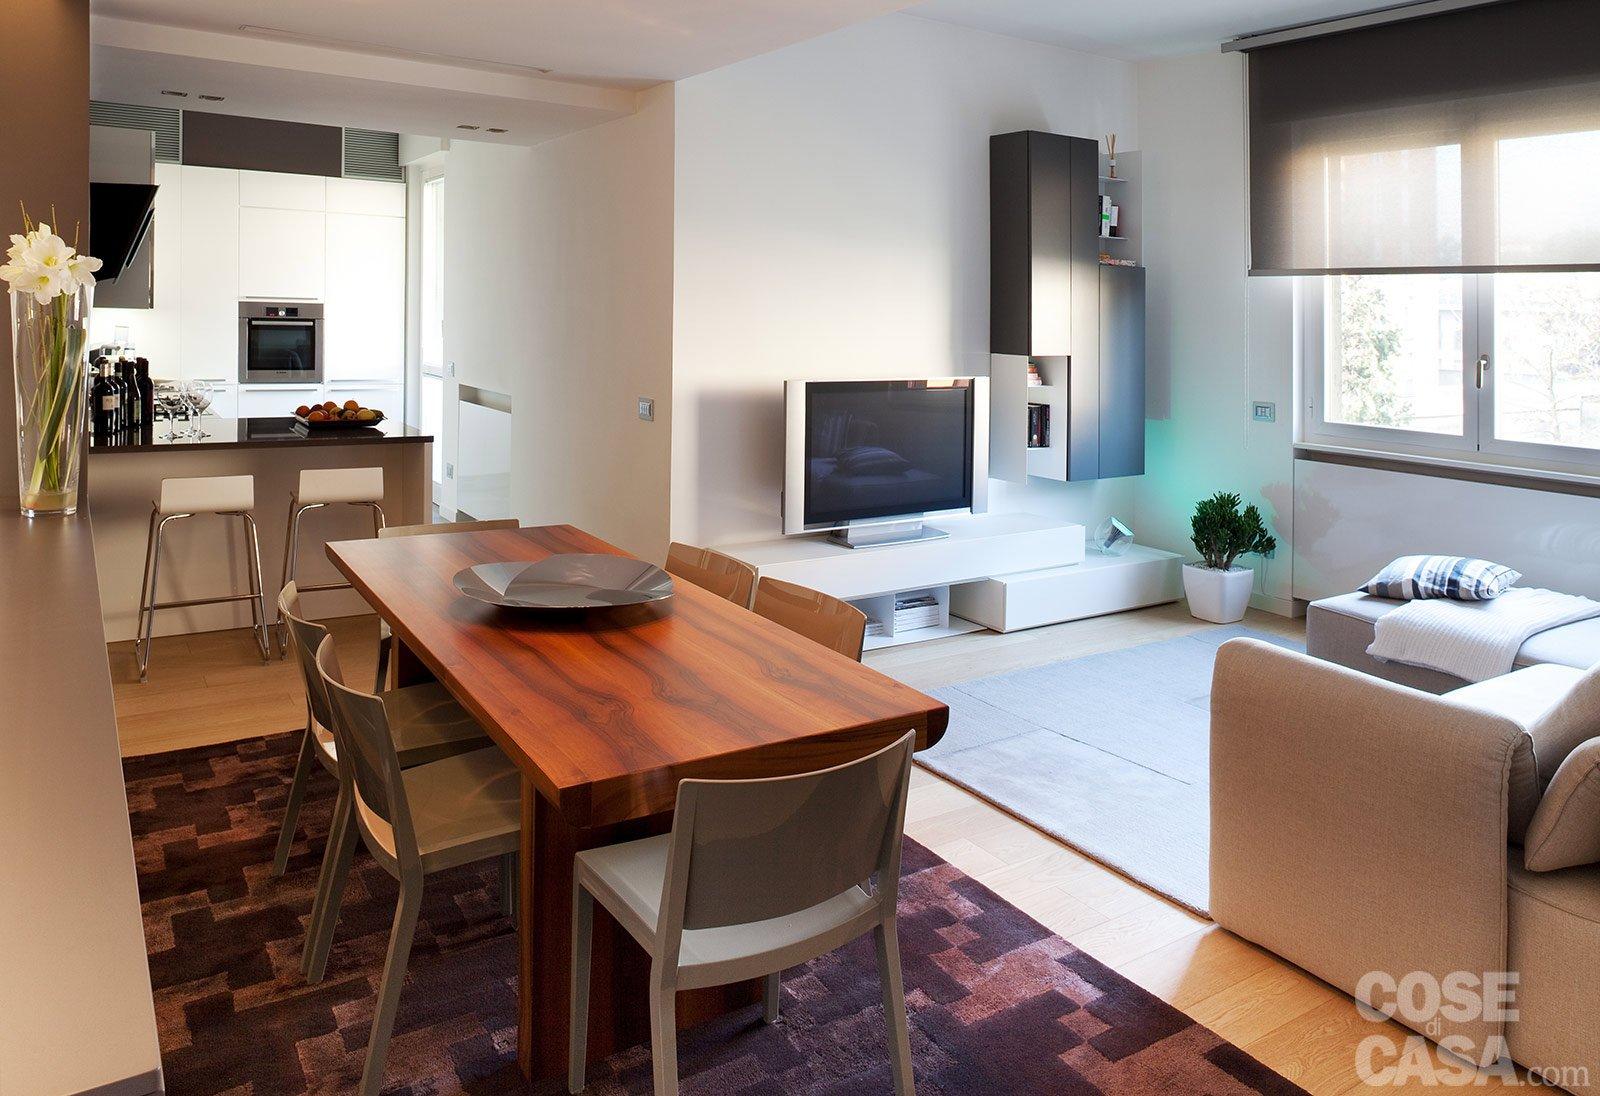 Una casa con soffitti che definiscono le funzioni cose - Camera soggiorno ...